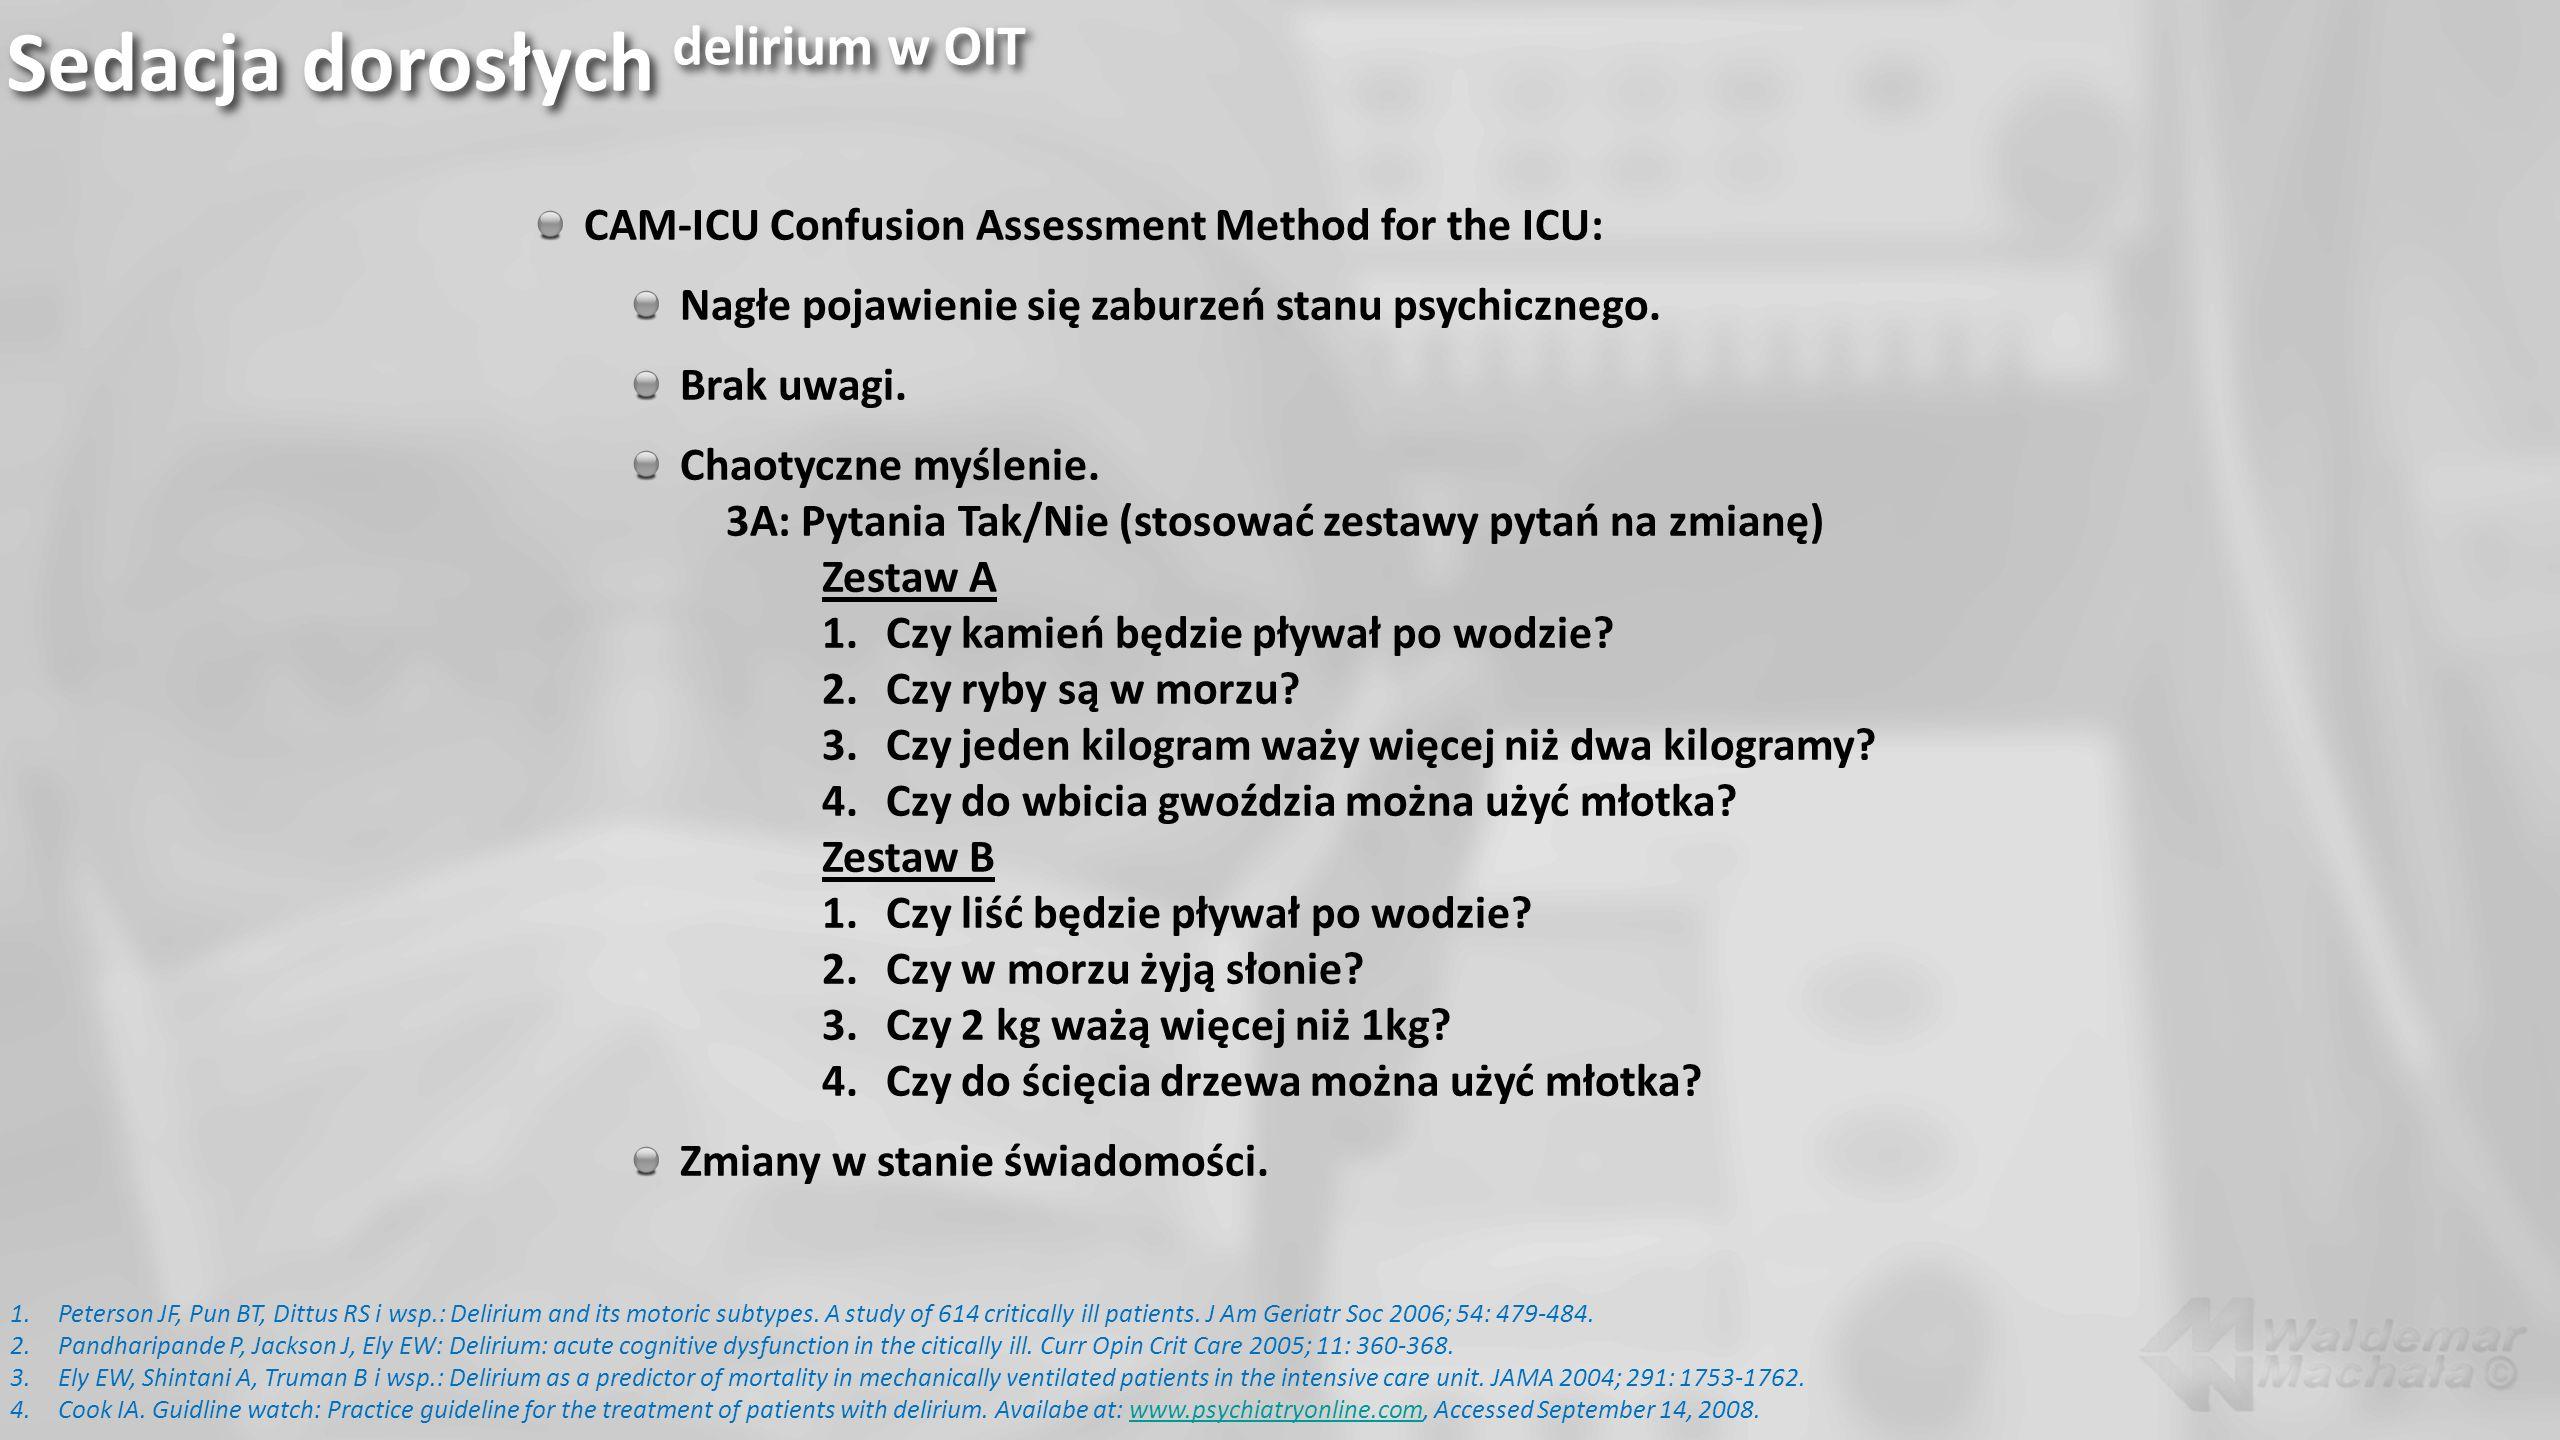 Sedacja dorosłych delirium w OIT